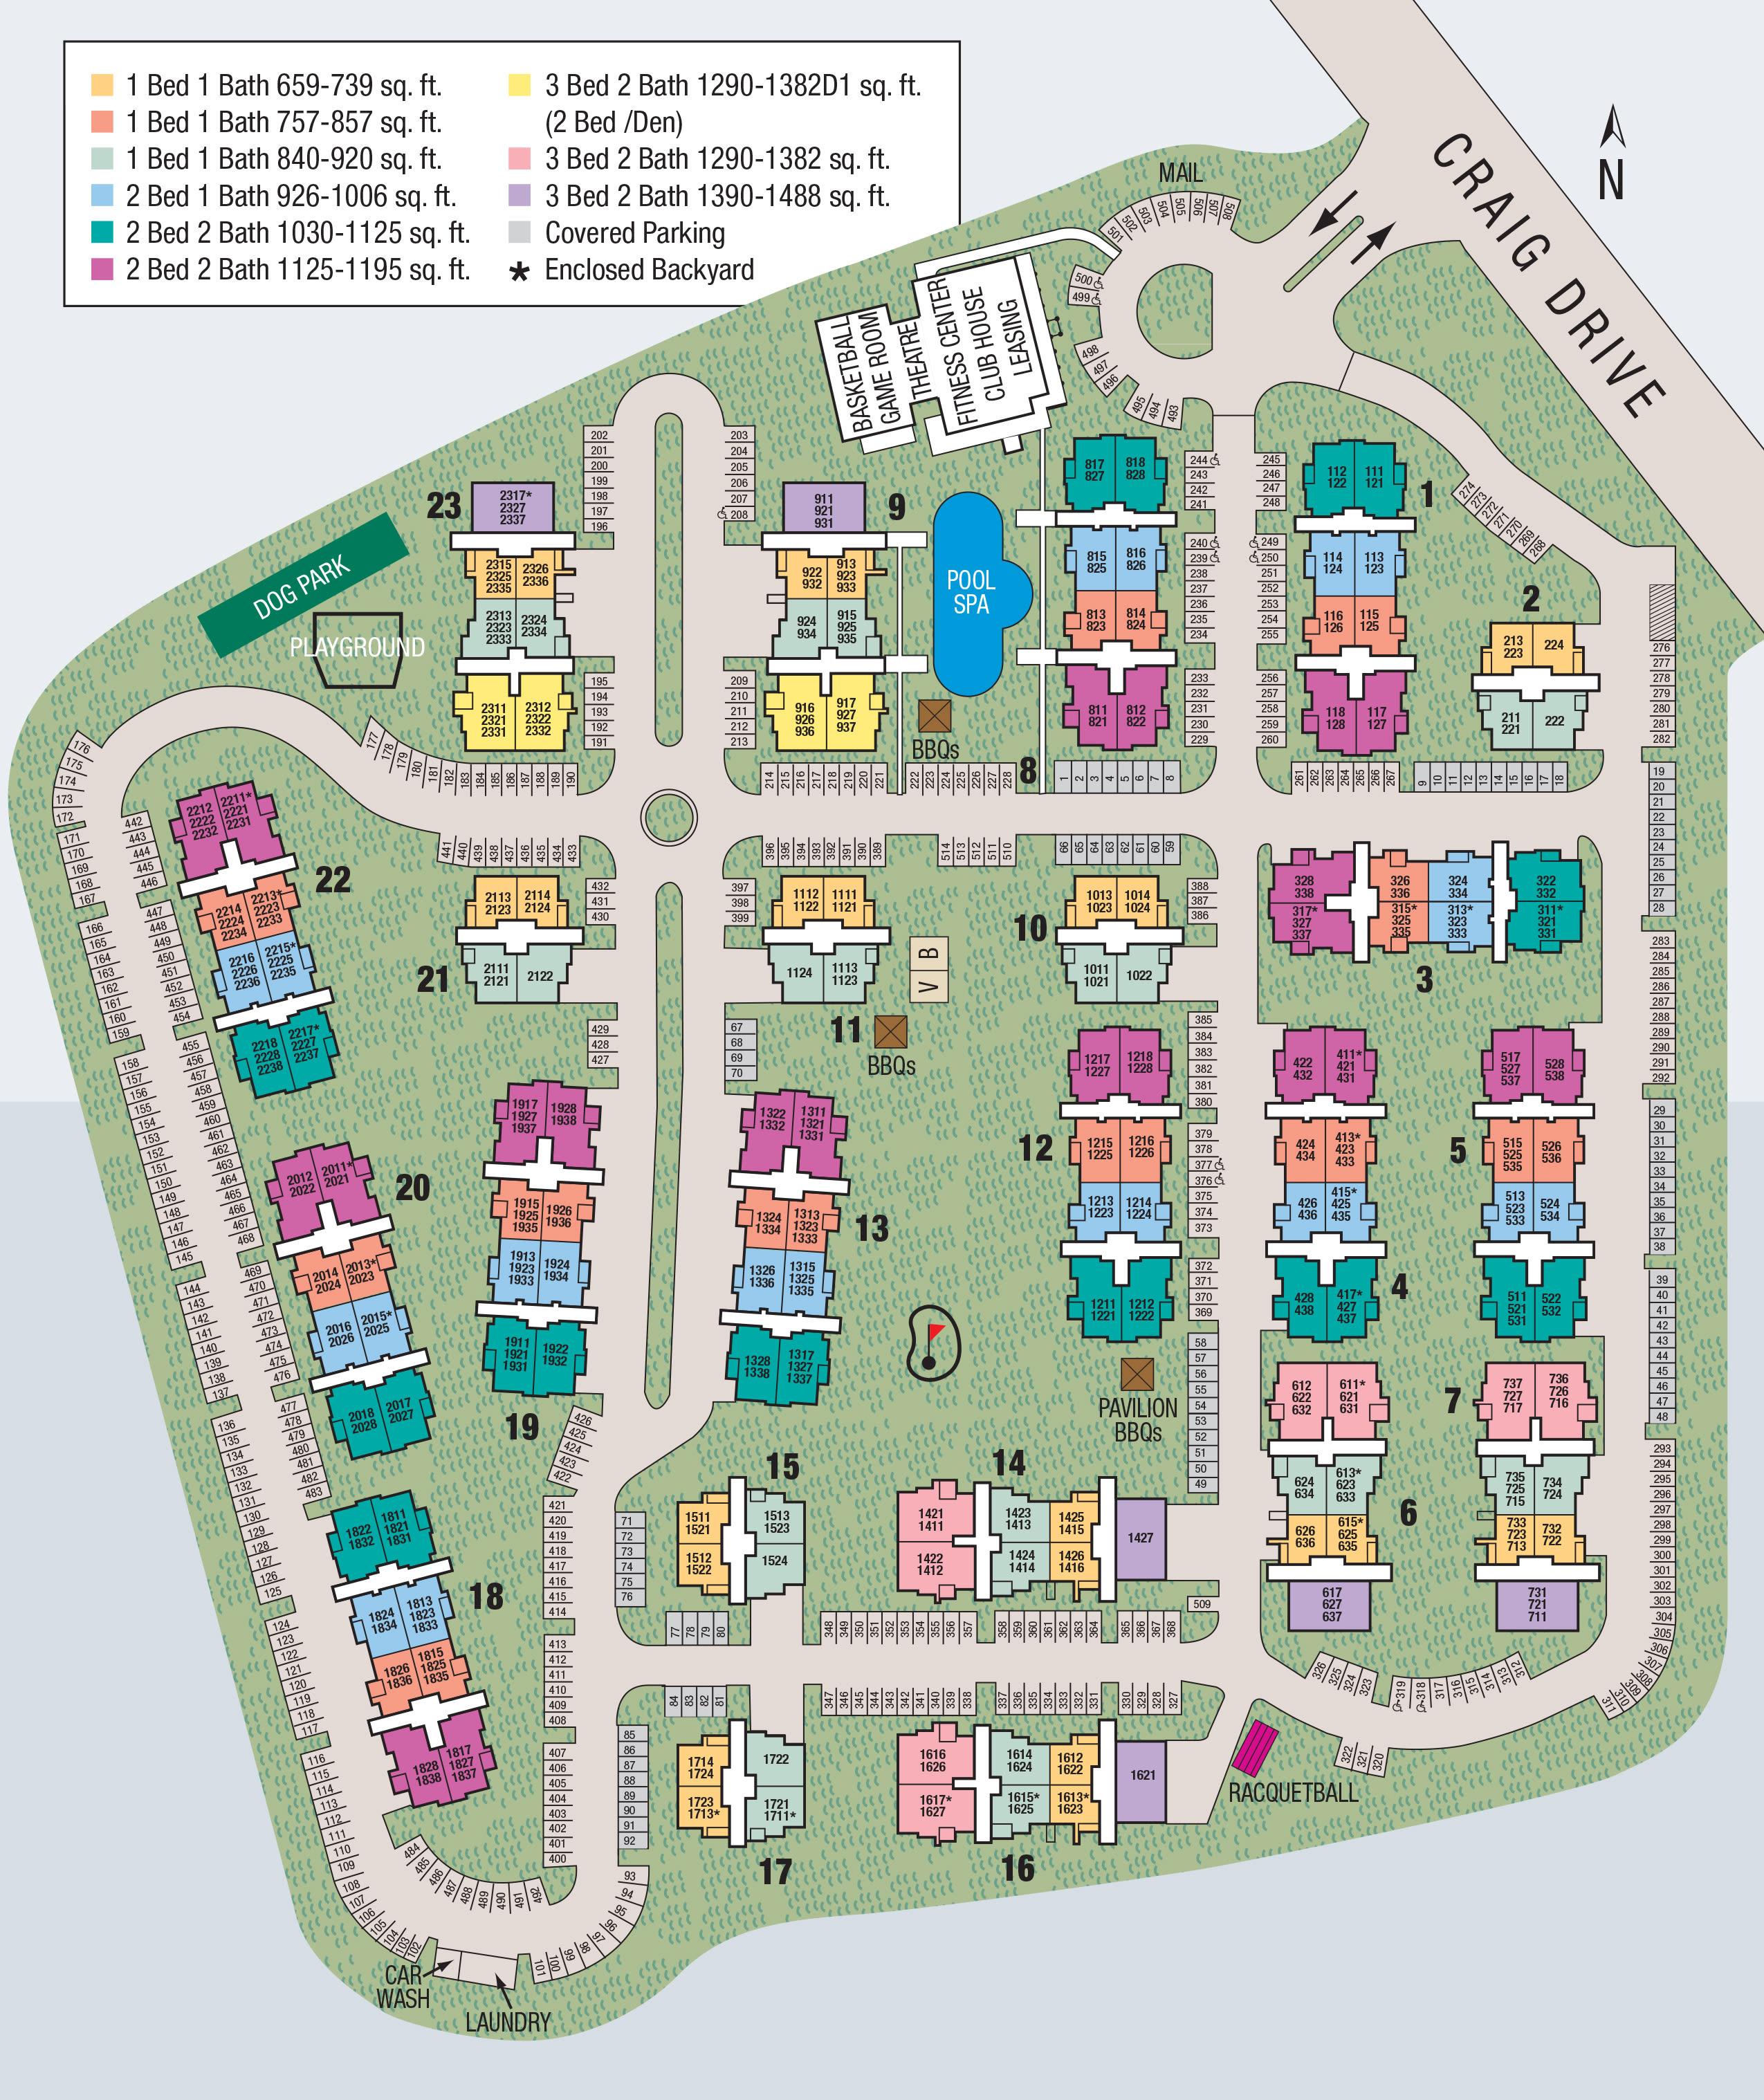 Site map of El Lago Apartments in McKinney, TX